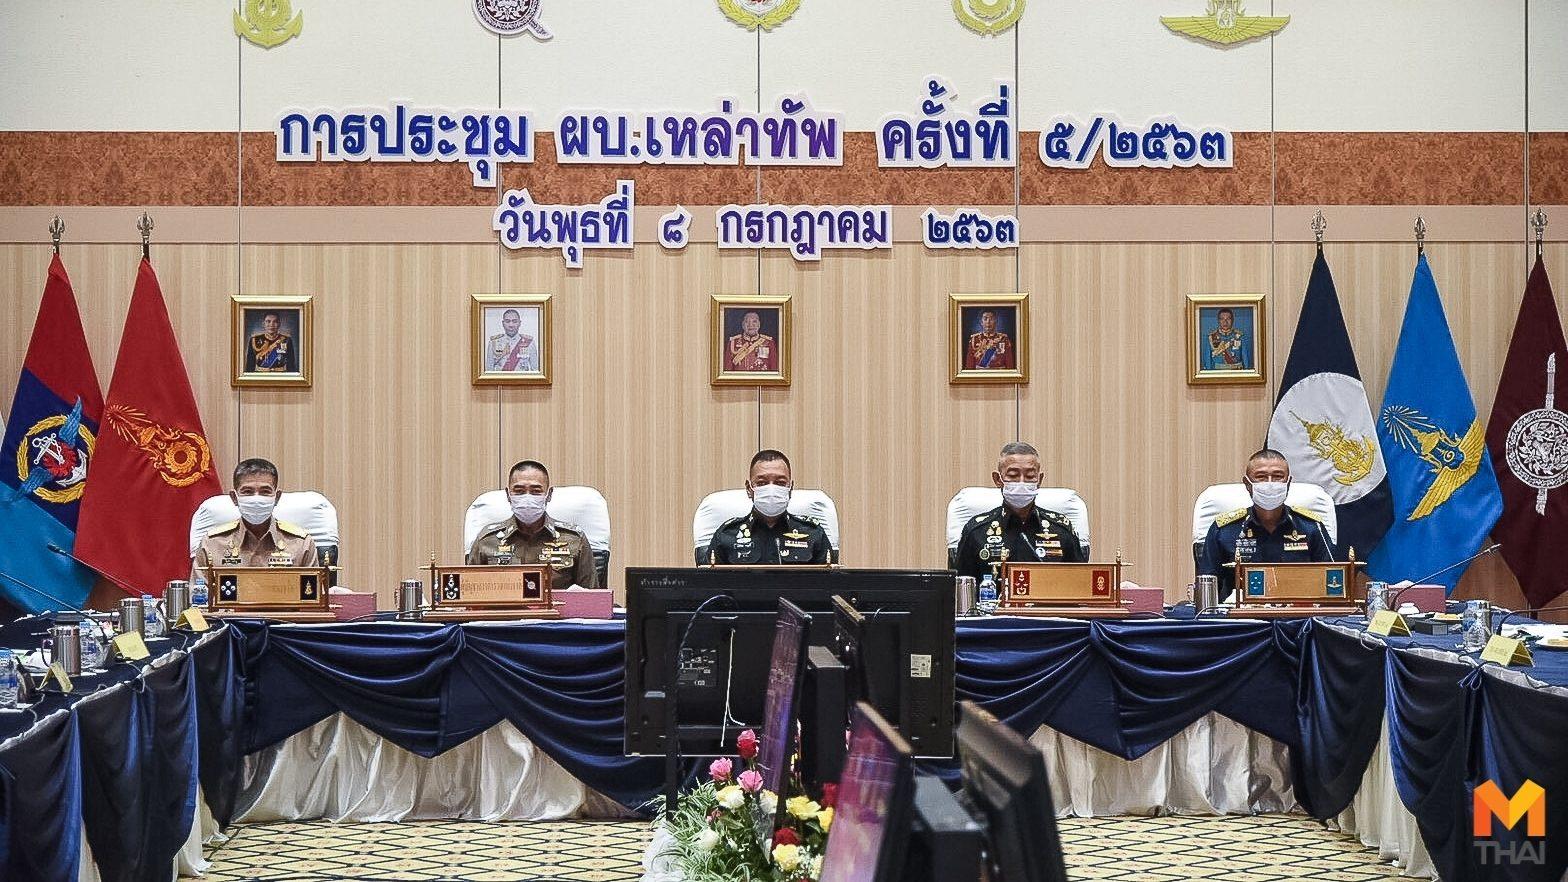 ผบ.เหล่าทัพ ร่วมประชุม เน้นย้ำให้ความร่วมมือกับรัฐบาลแก้ไขปัญหาโควิด-19